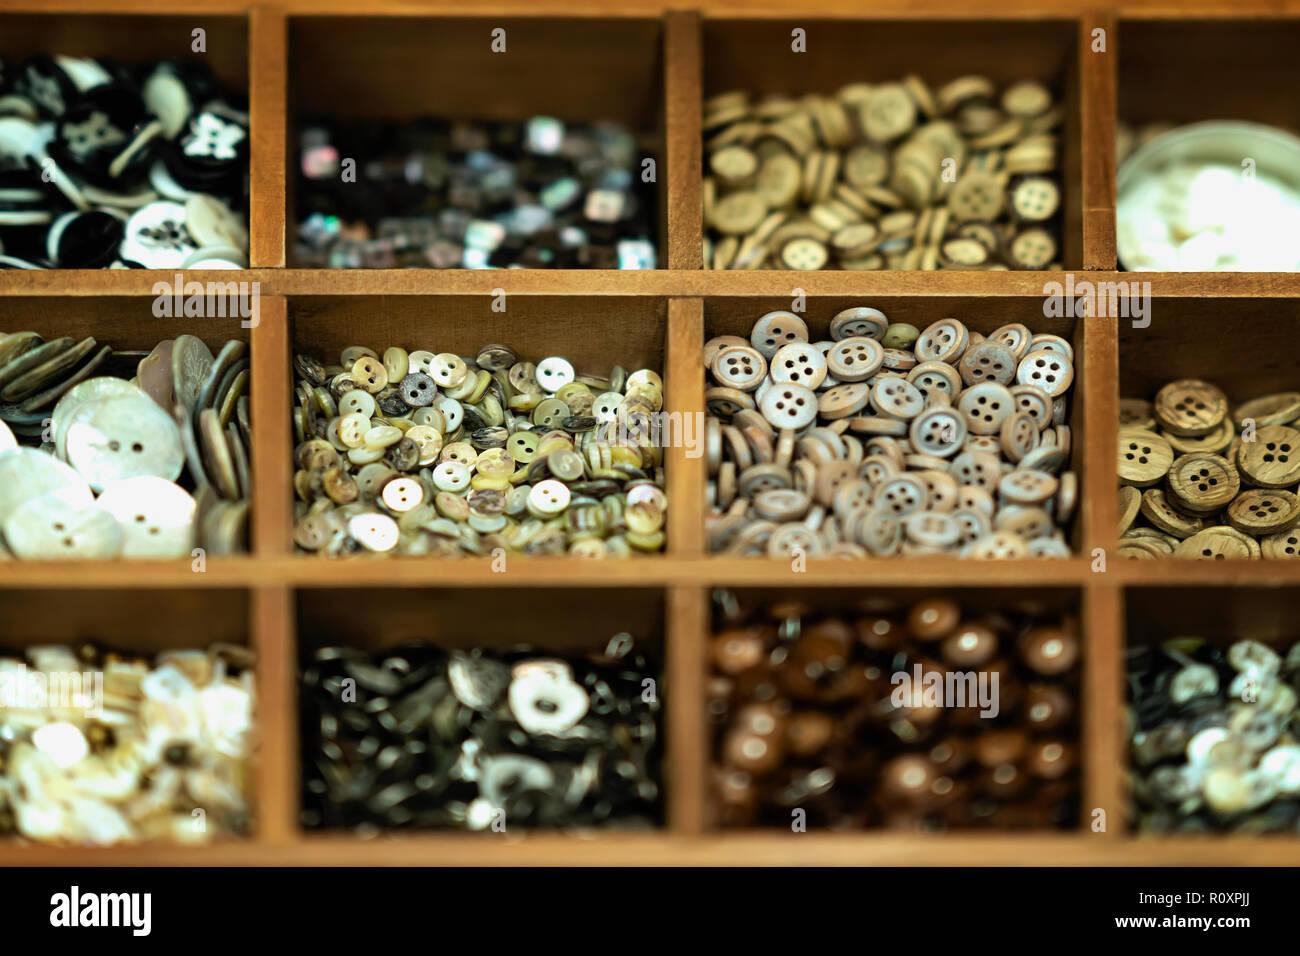 Distintos botones multicolores en cajas de madera para la creatividad, una verdadera tienda, selectiva de fondo. La industria textil, la confección, aficiones, handmade Foto de stock